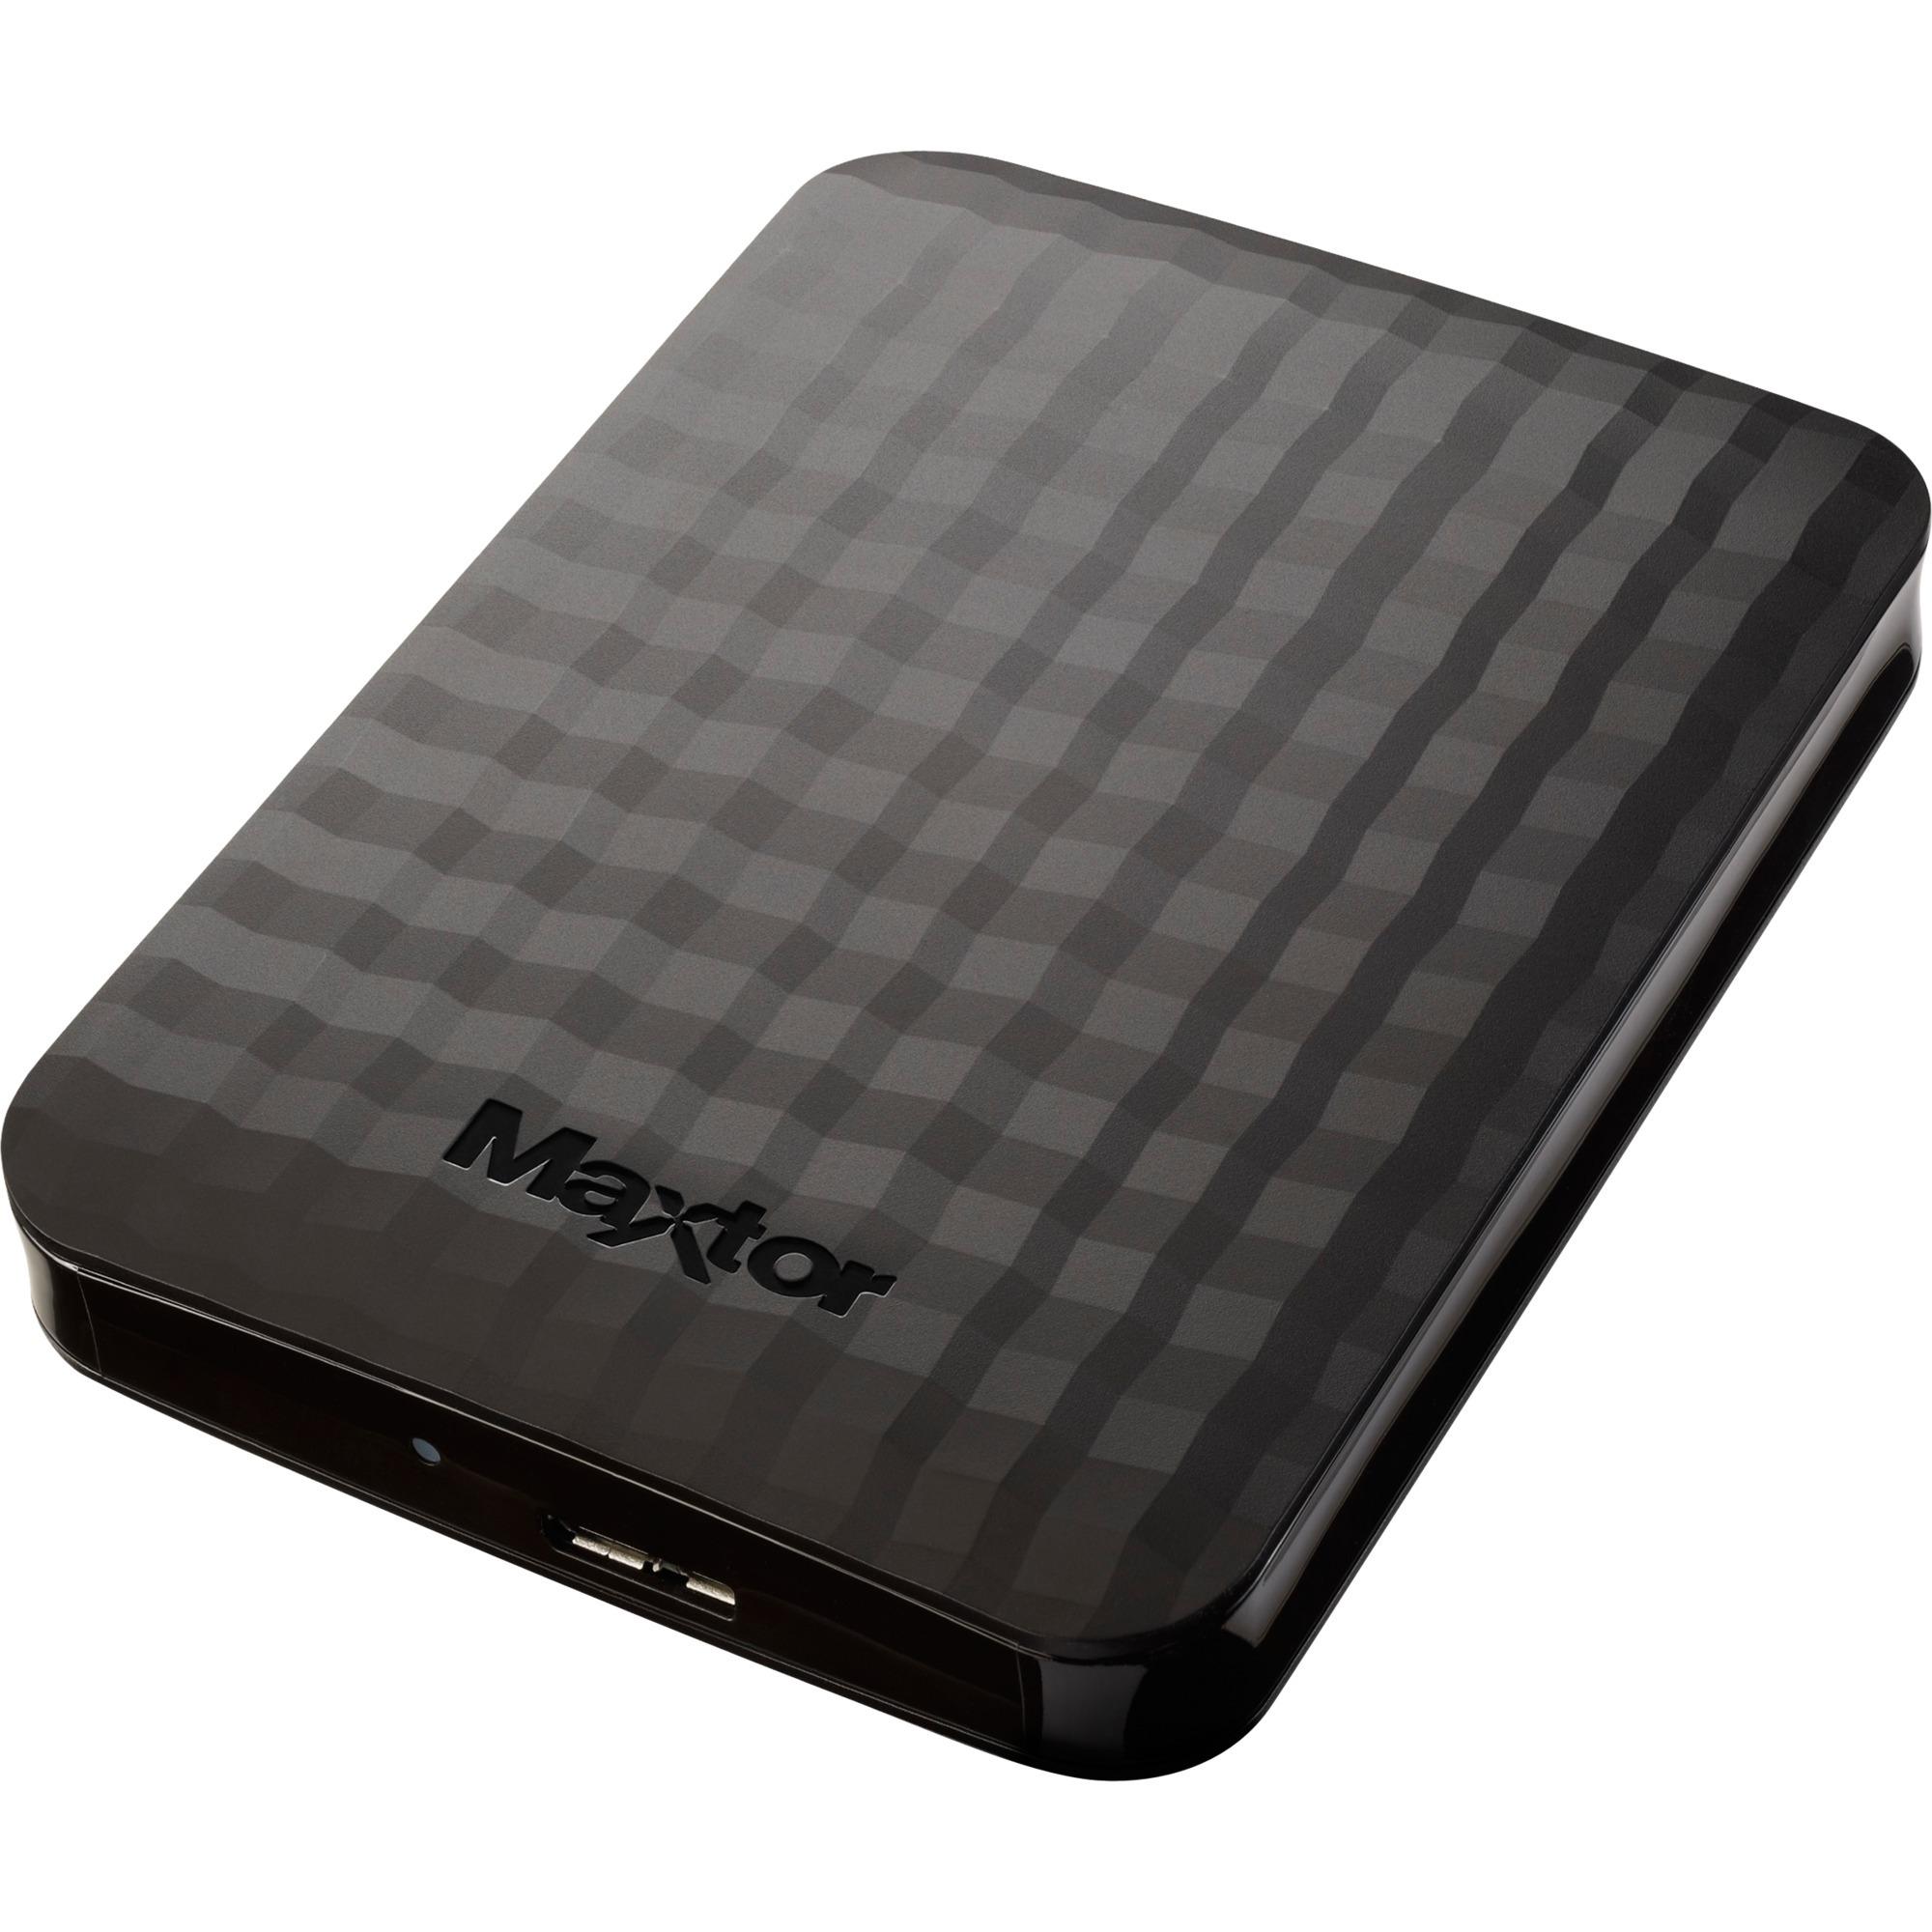 Maxtor M3 disco duro externo 4000 GB Negro, Unidad de disco duro